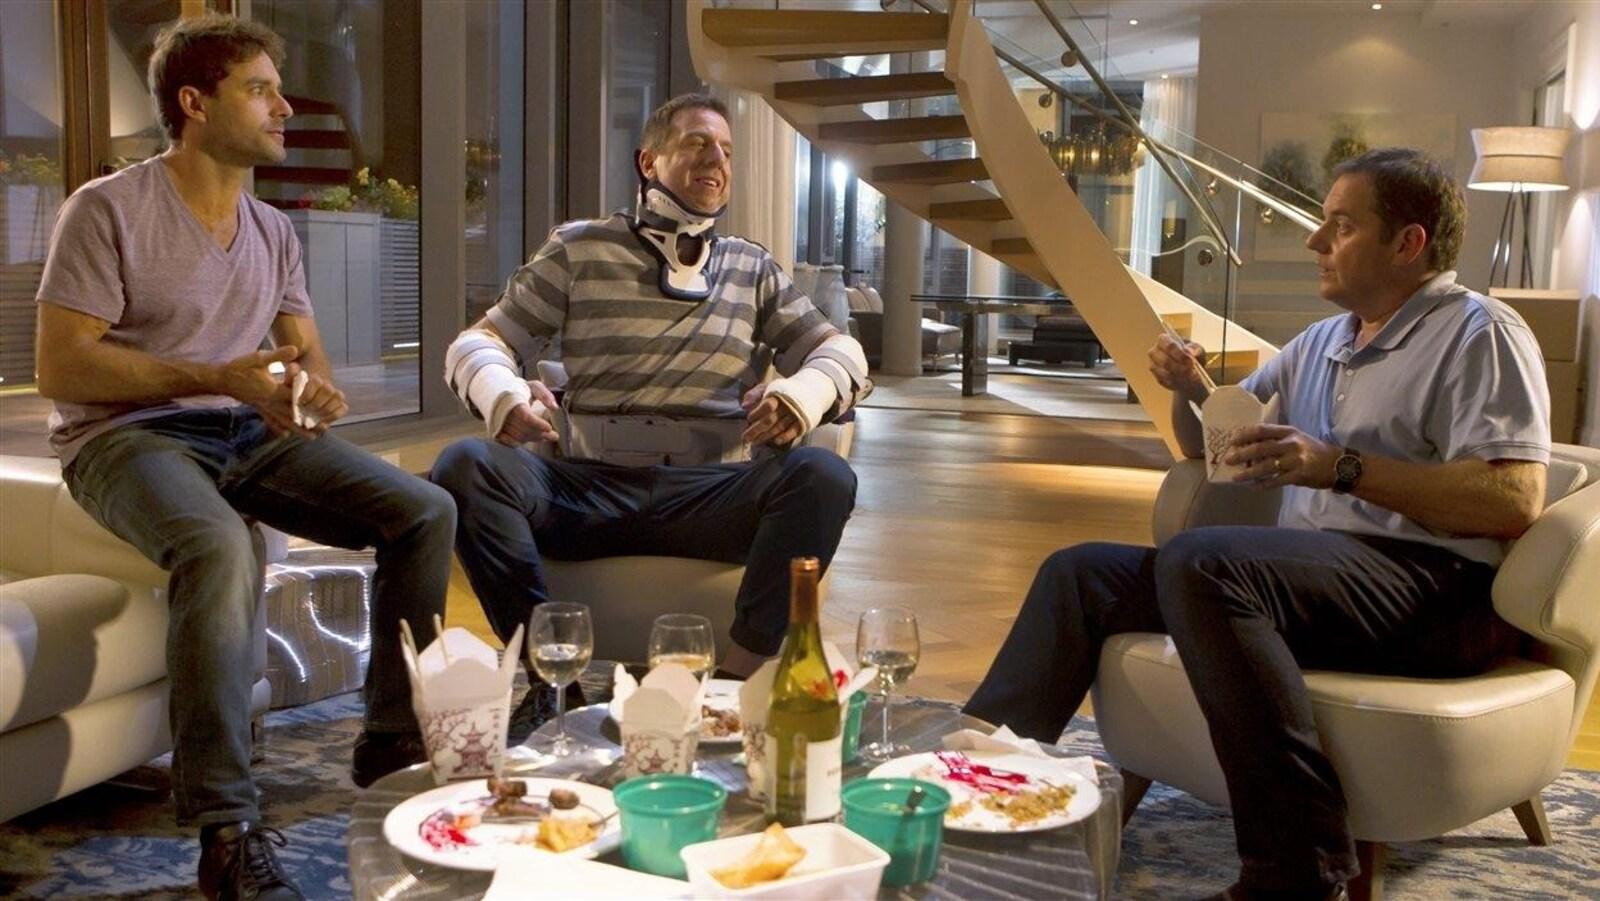 Guillaume Lemay-Thivierge, Patrice Robitaille et Paul Doucet dans une scène du film <i>Les 3 p'tits cochons</i>